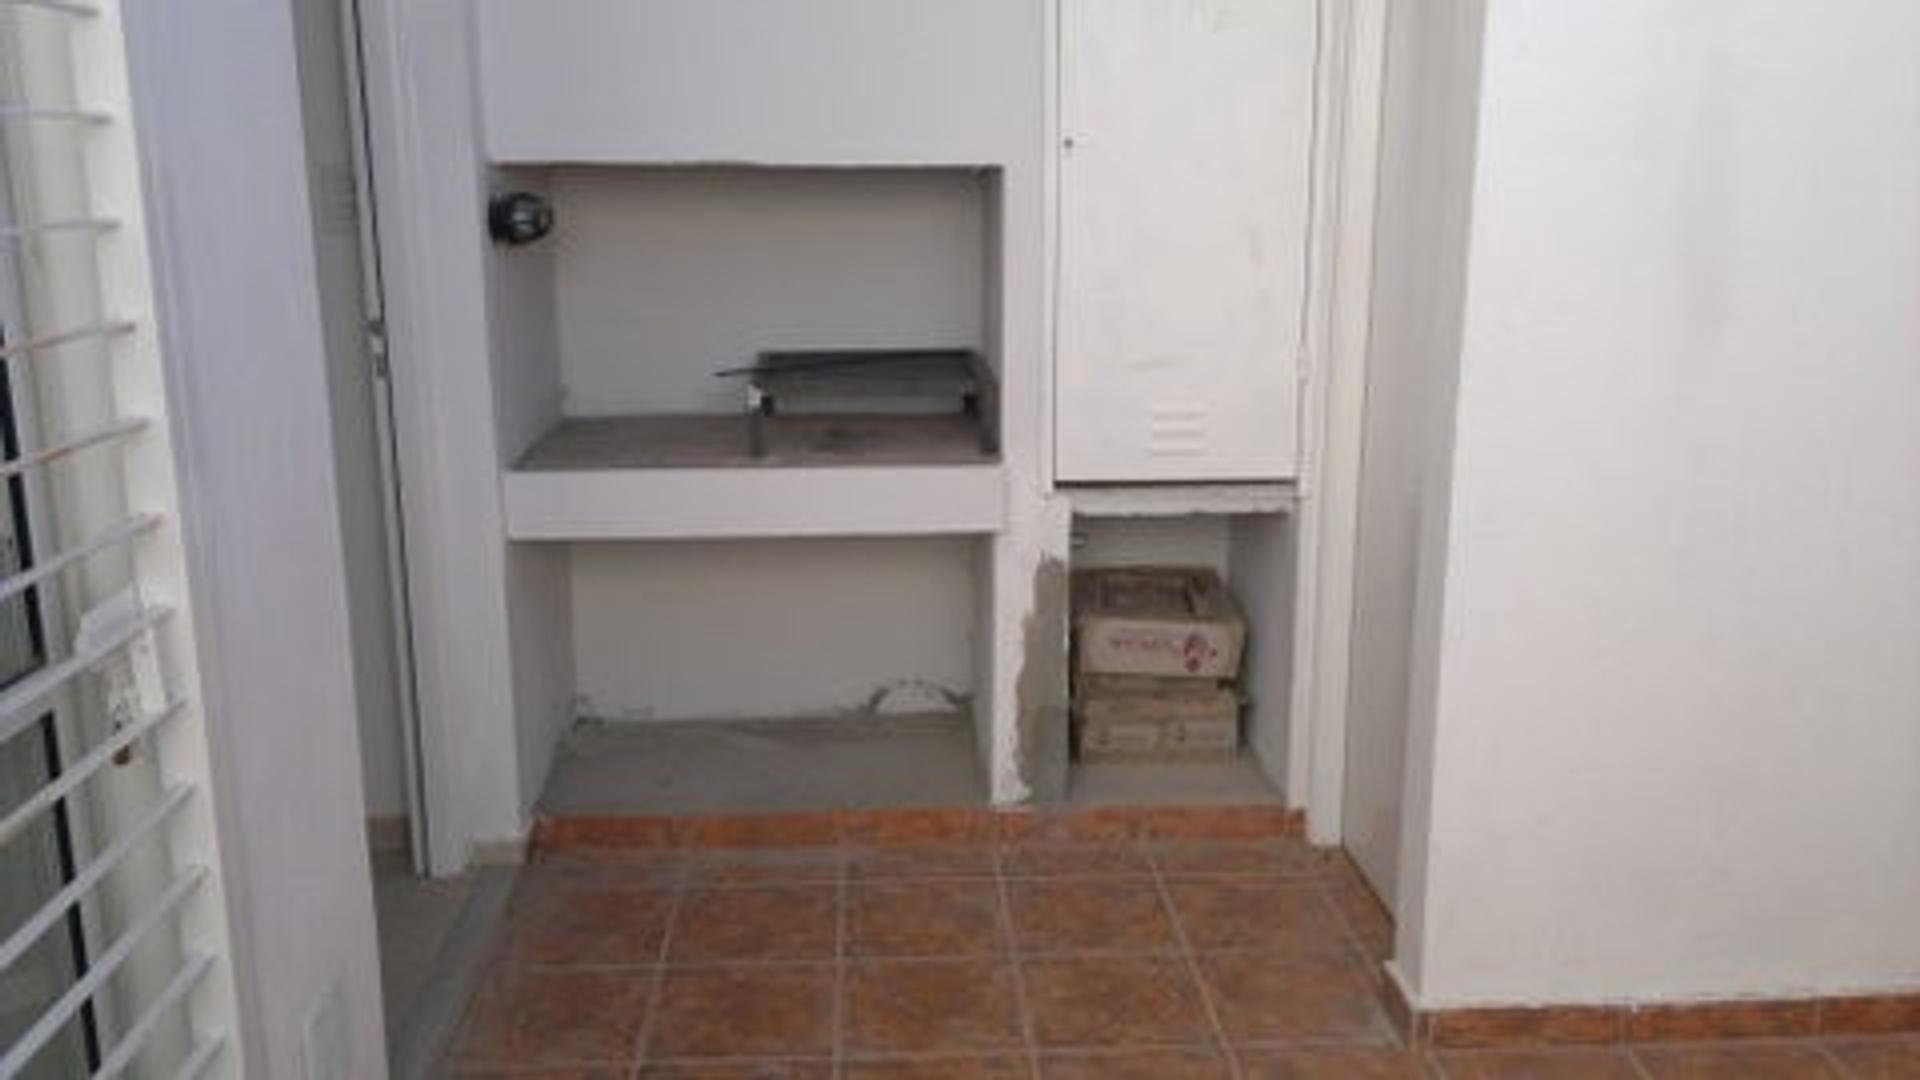 San Antonio Abad 400, Piso PB - 3 ambientes con cochera